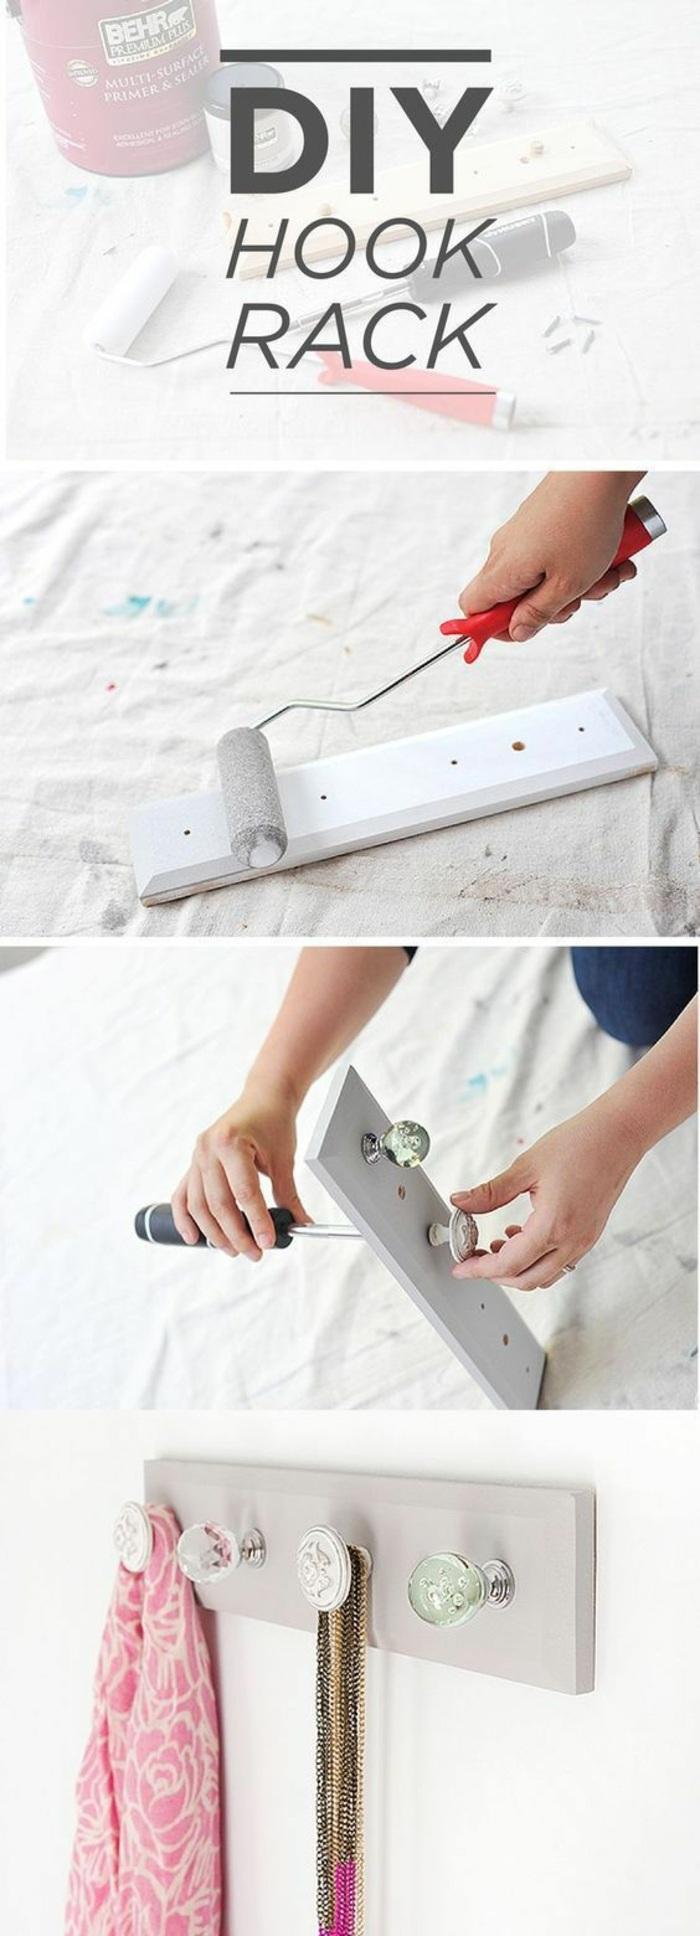 decoración casa, originales propuestas de manualidades para decorar tu hogar, ideas de decoración casera en tutoriales